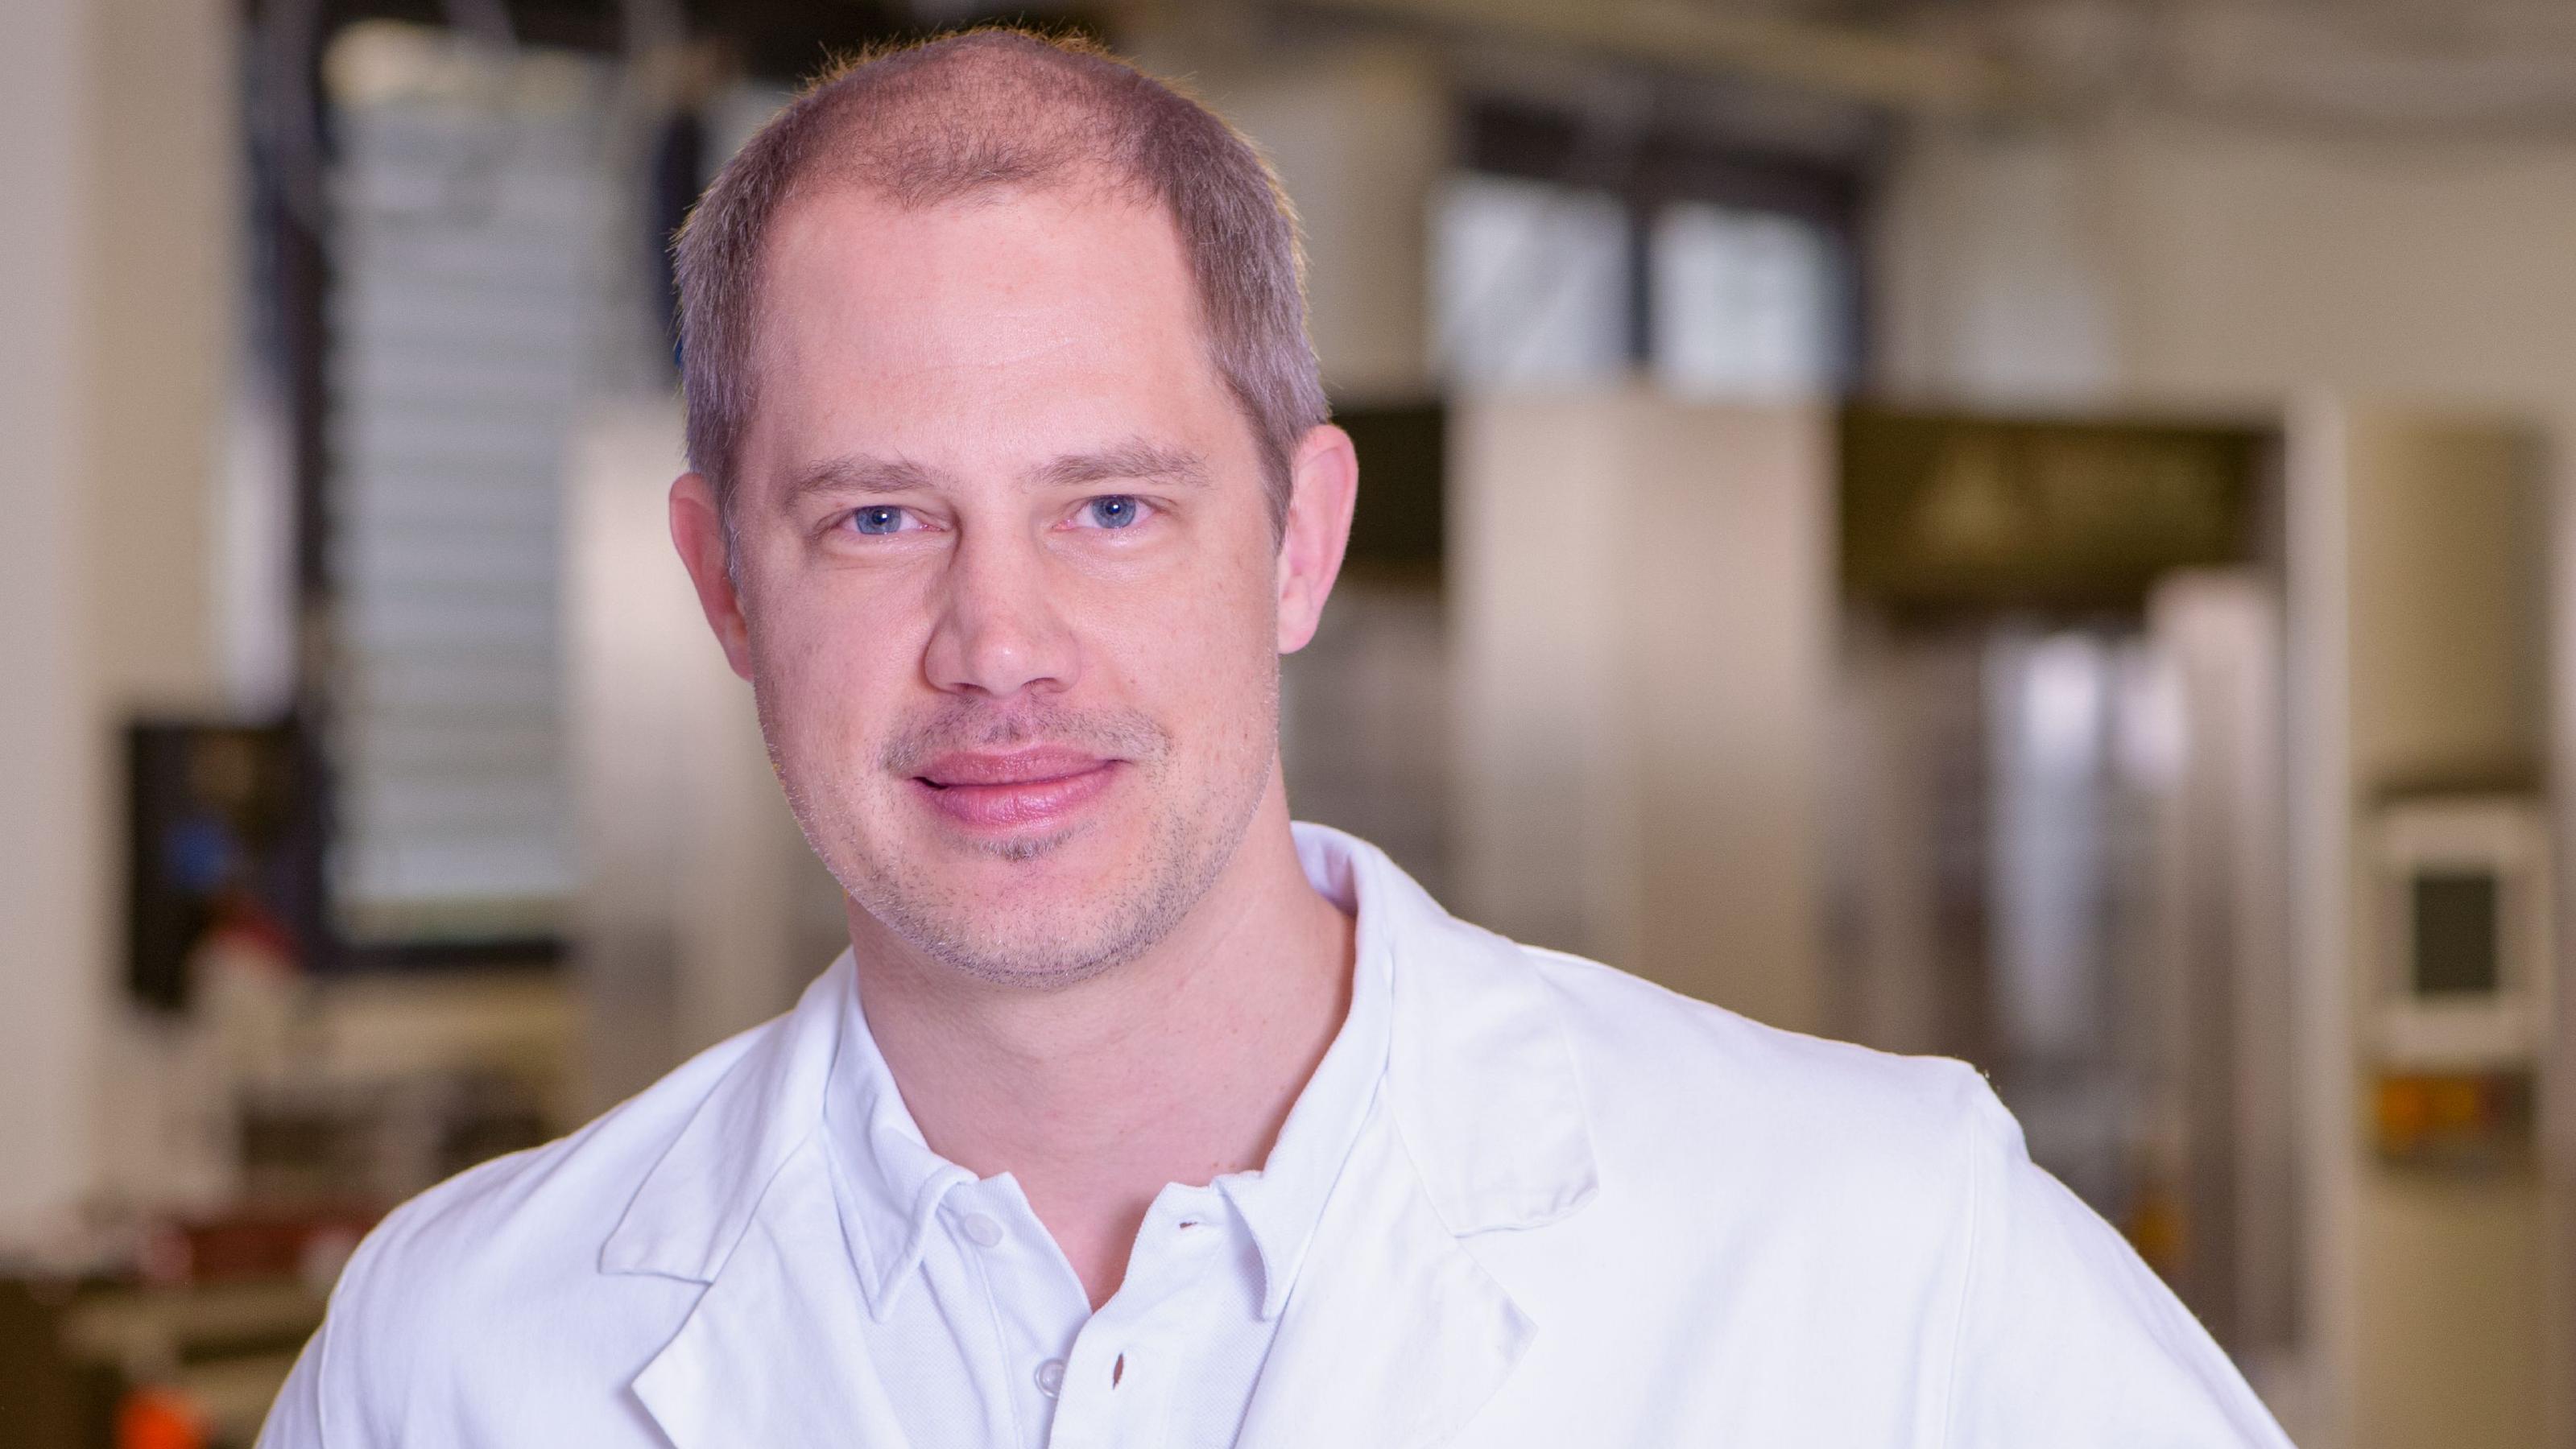 Andreas Clemenz, Bühler Experte und Technologe.